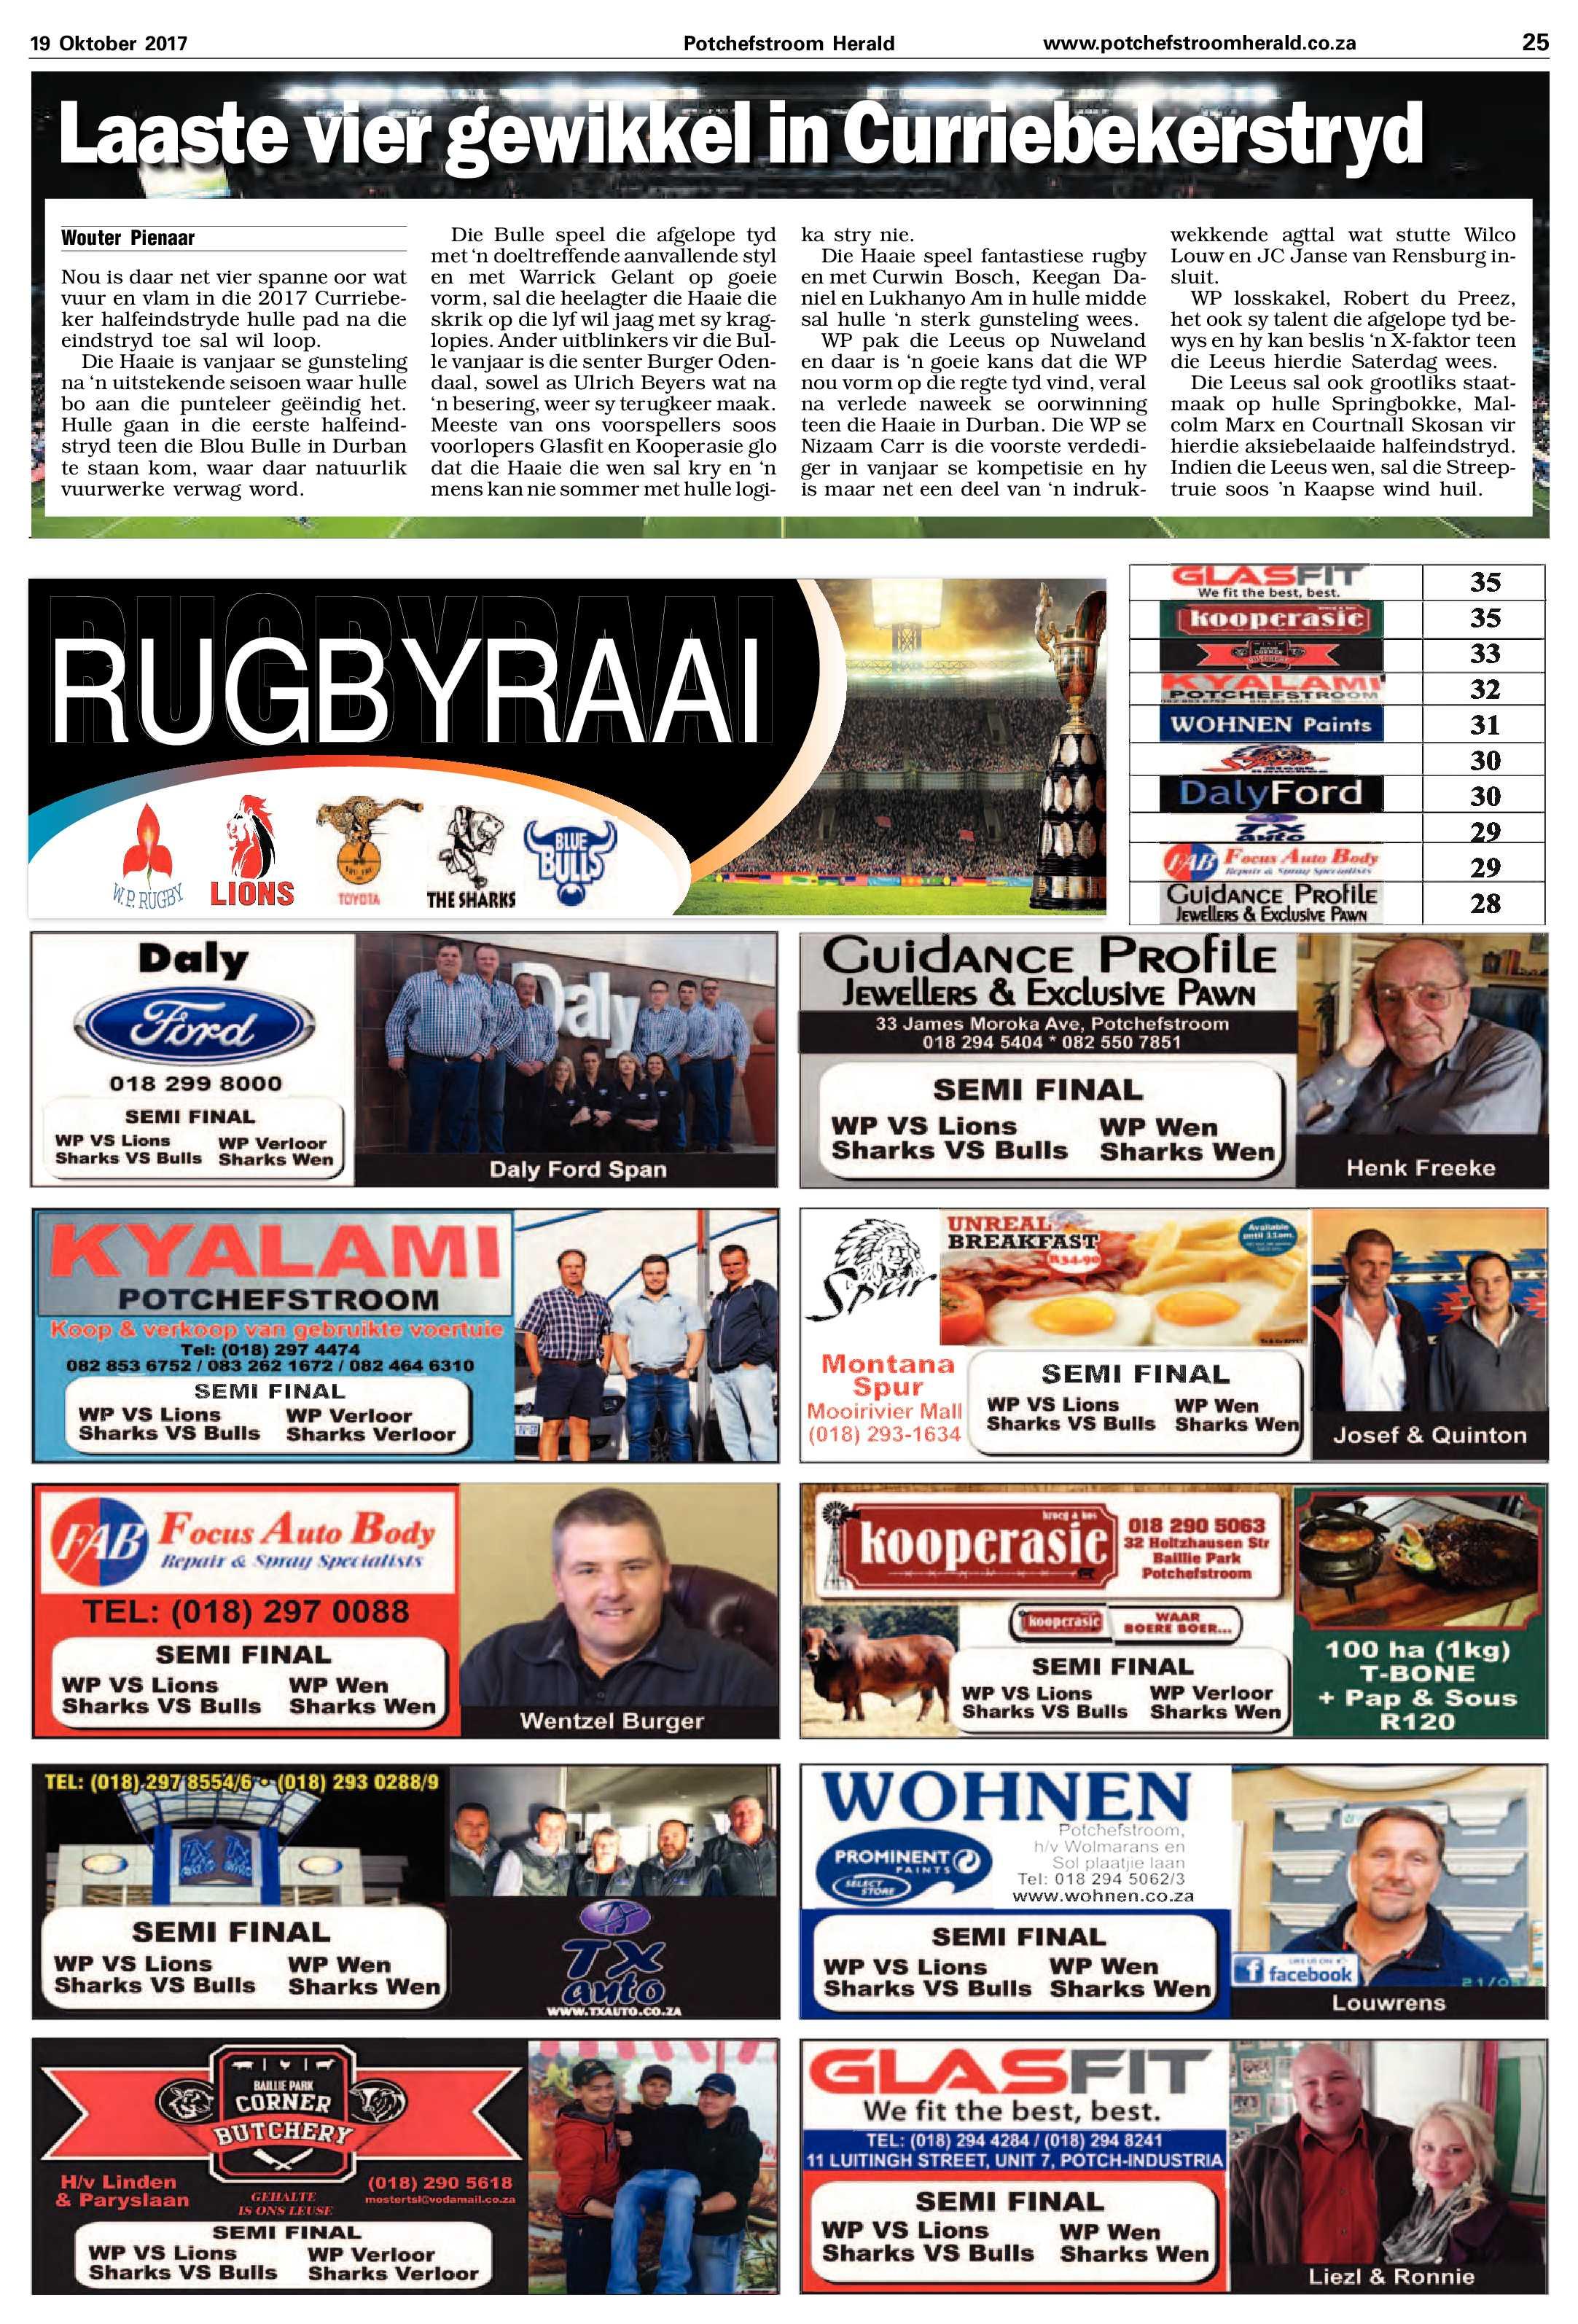 19-oktober-2017-epapers-page-25